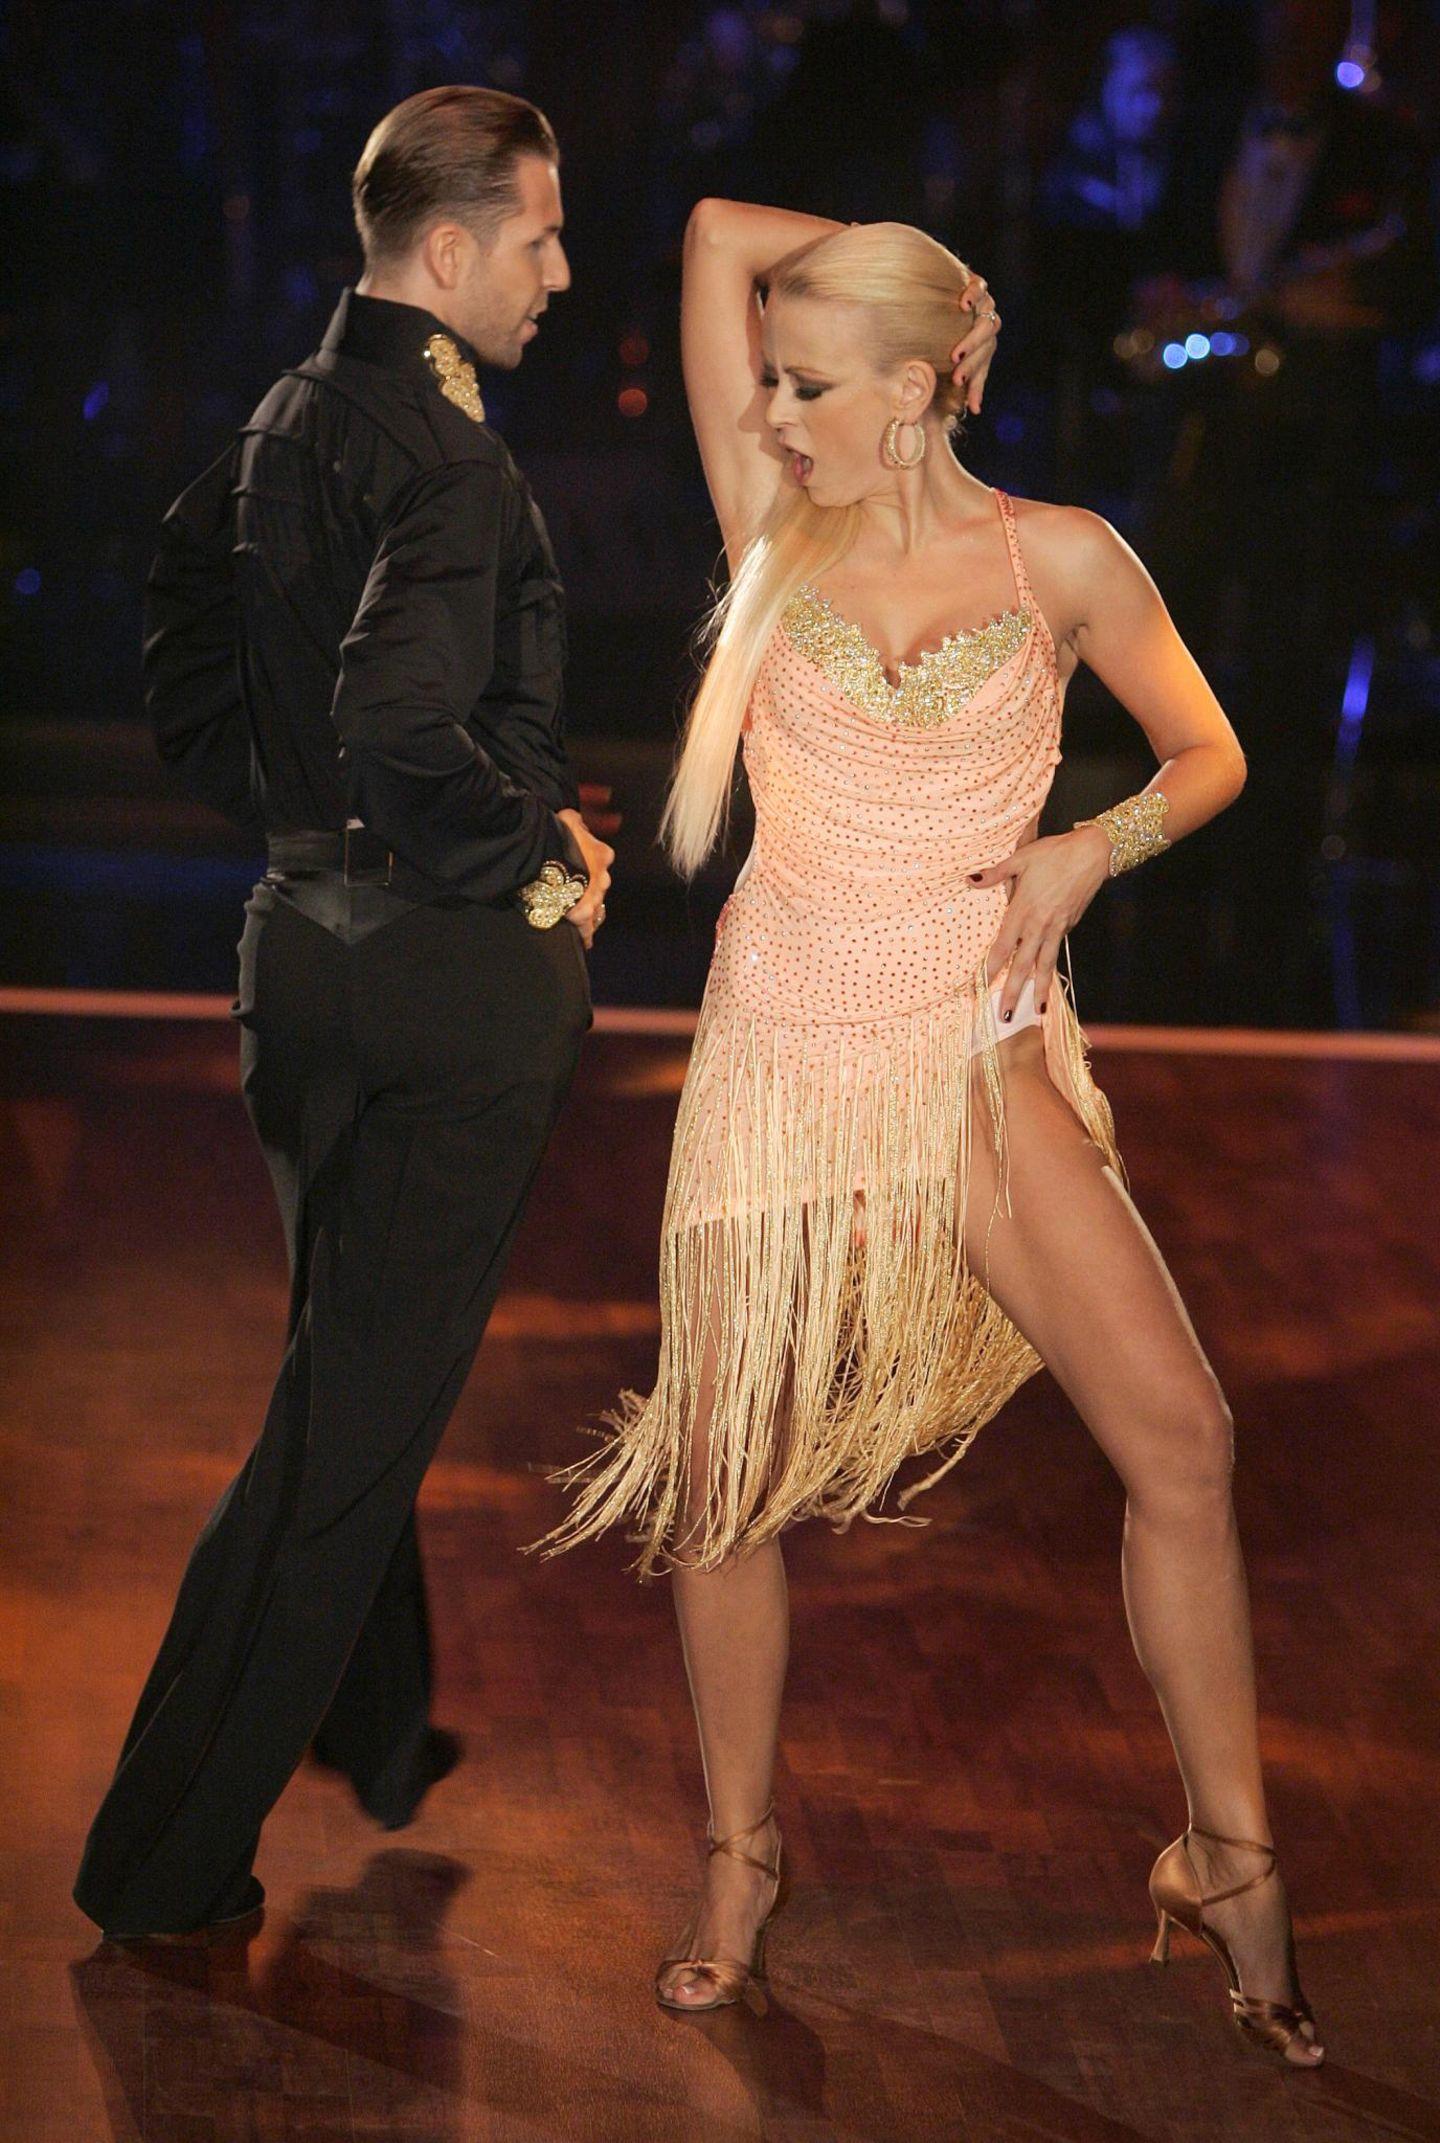 """Mai 2007  Die Schauspielerin Jenny Elvers und Tänzer Sascha Karabey nehmen an der ersten Runde der RTL-Show """"Let's Dance"""" teil. Die beiden konnten am Ende nicht genügend Punkte sammeln und mussten die Show verlassen."""